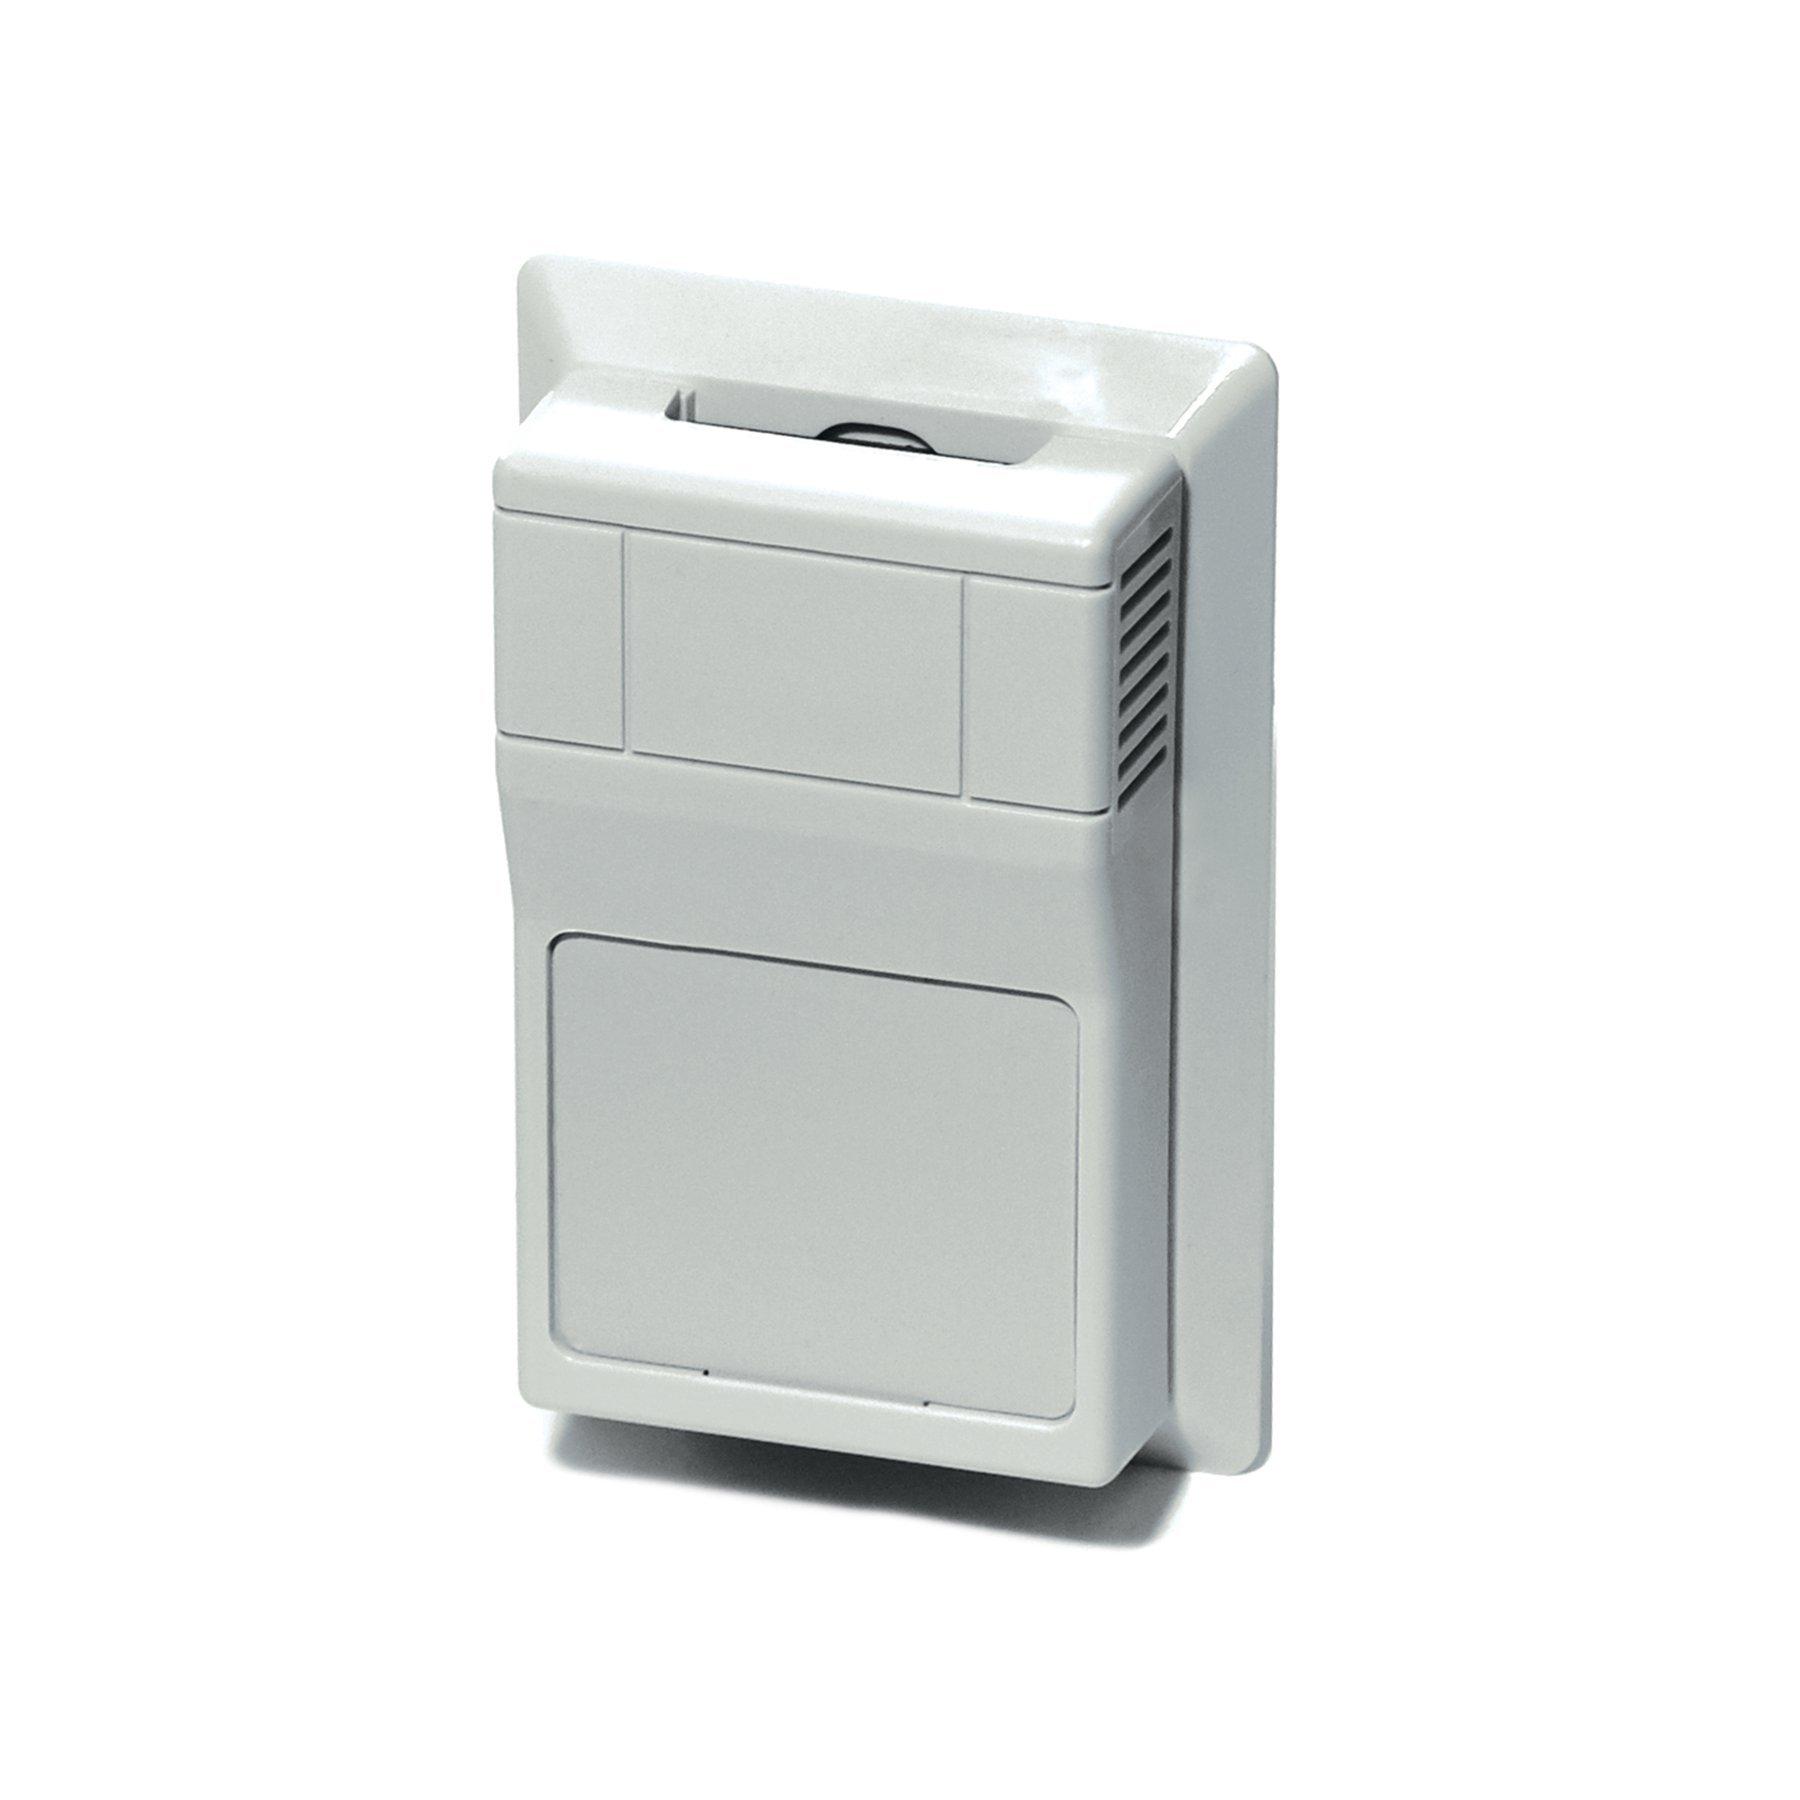 ACI A/RH2-R : Wall Relative Humidity (RH) Sensor